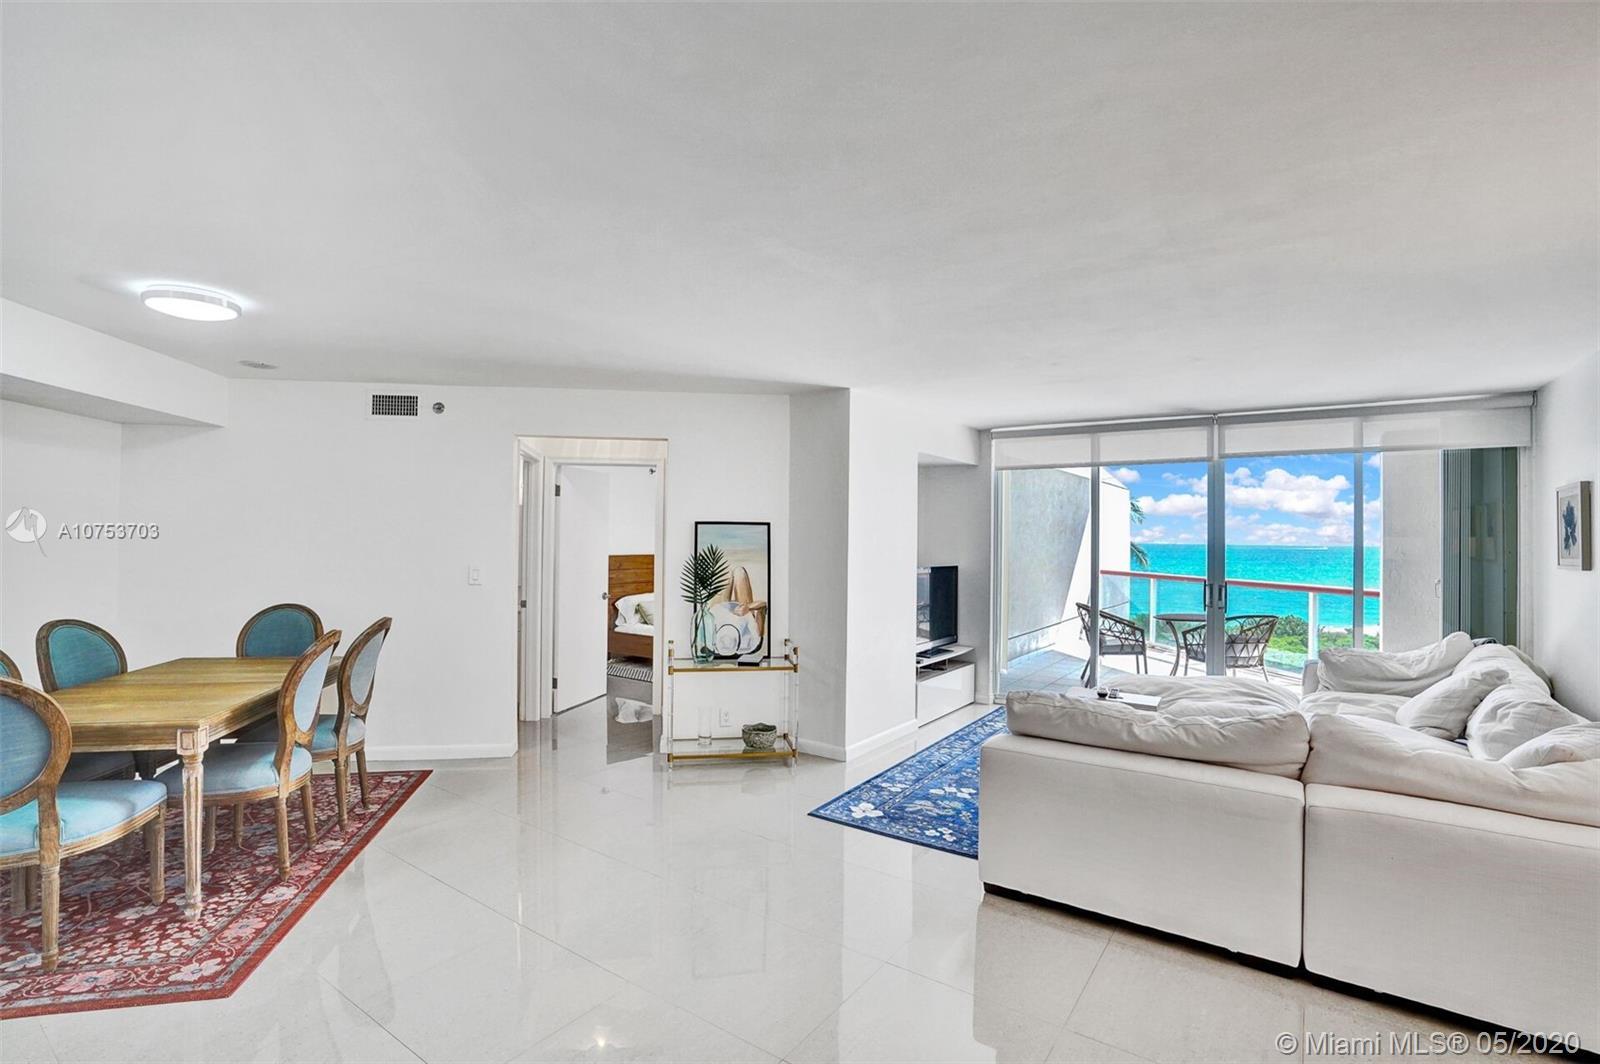 6767 Collins Ave 408, Miami Beach, FL 33141